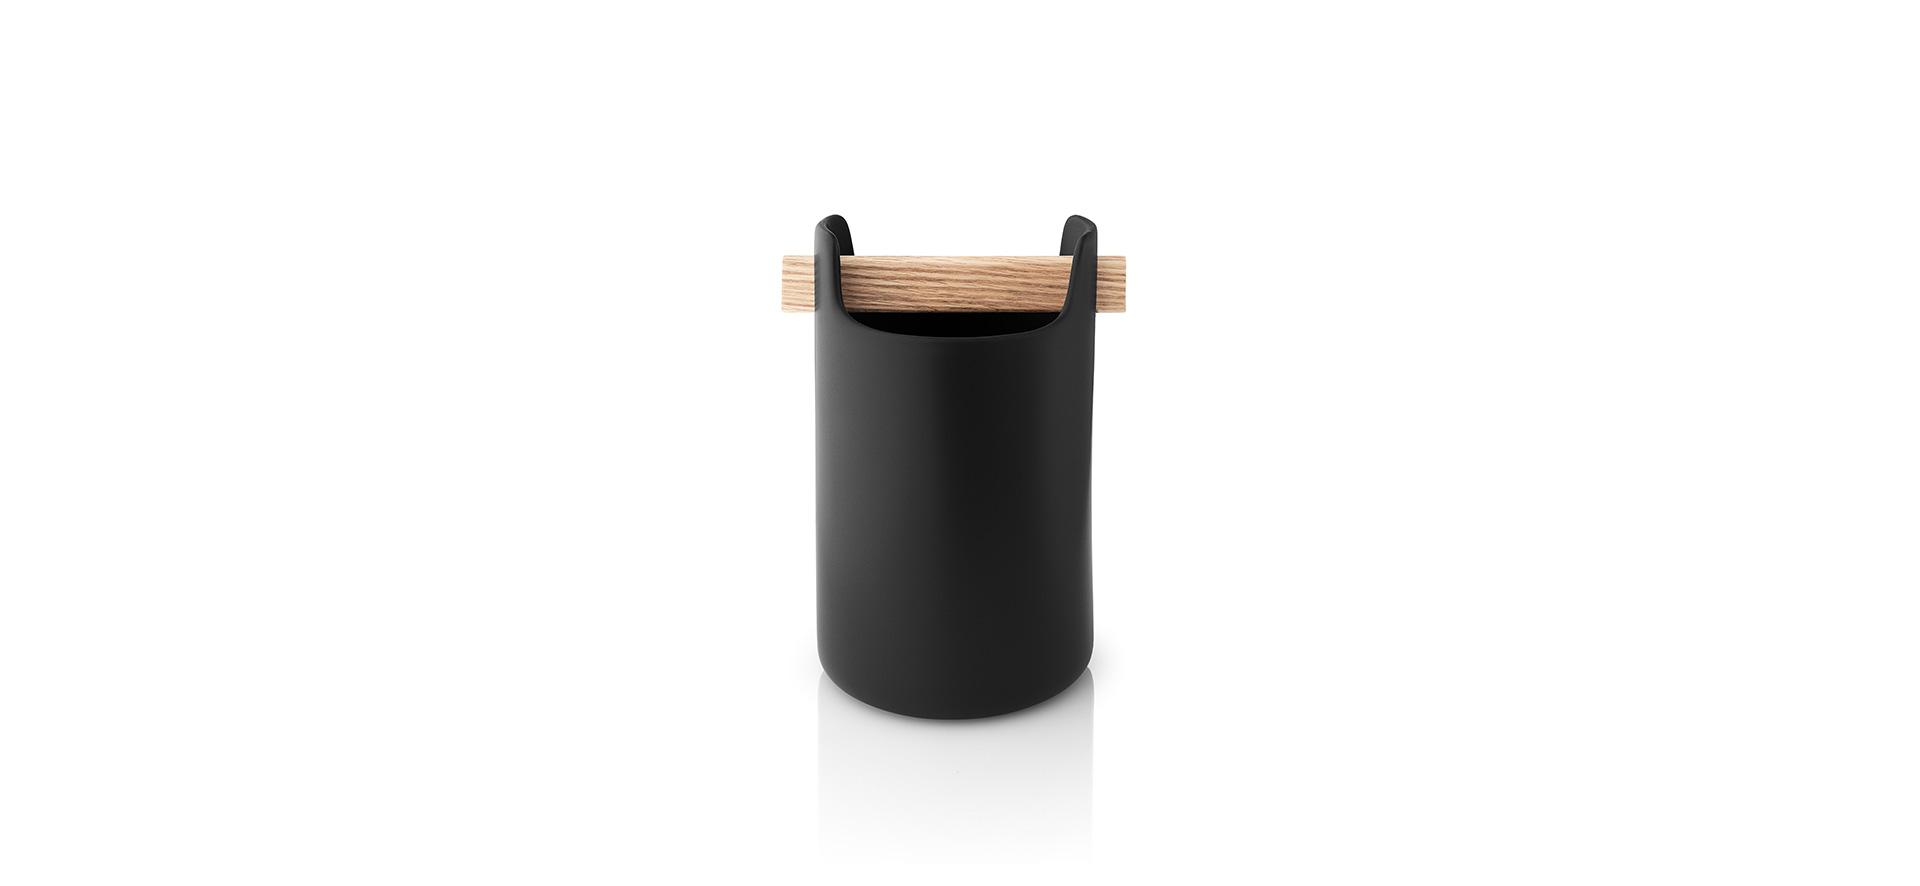 Full Size of Toolboschwarz 520425 Aufbewahrungsbox Garten Bett Mit Aufbewahrung Betten Küche Aufbewahrungssystem Aufbewahrungsbehälter Wohnzimmer Aufbewahrung Küchenutensilien